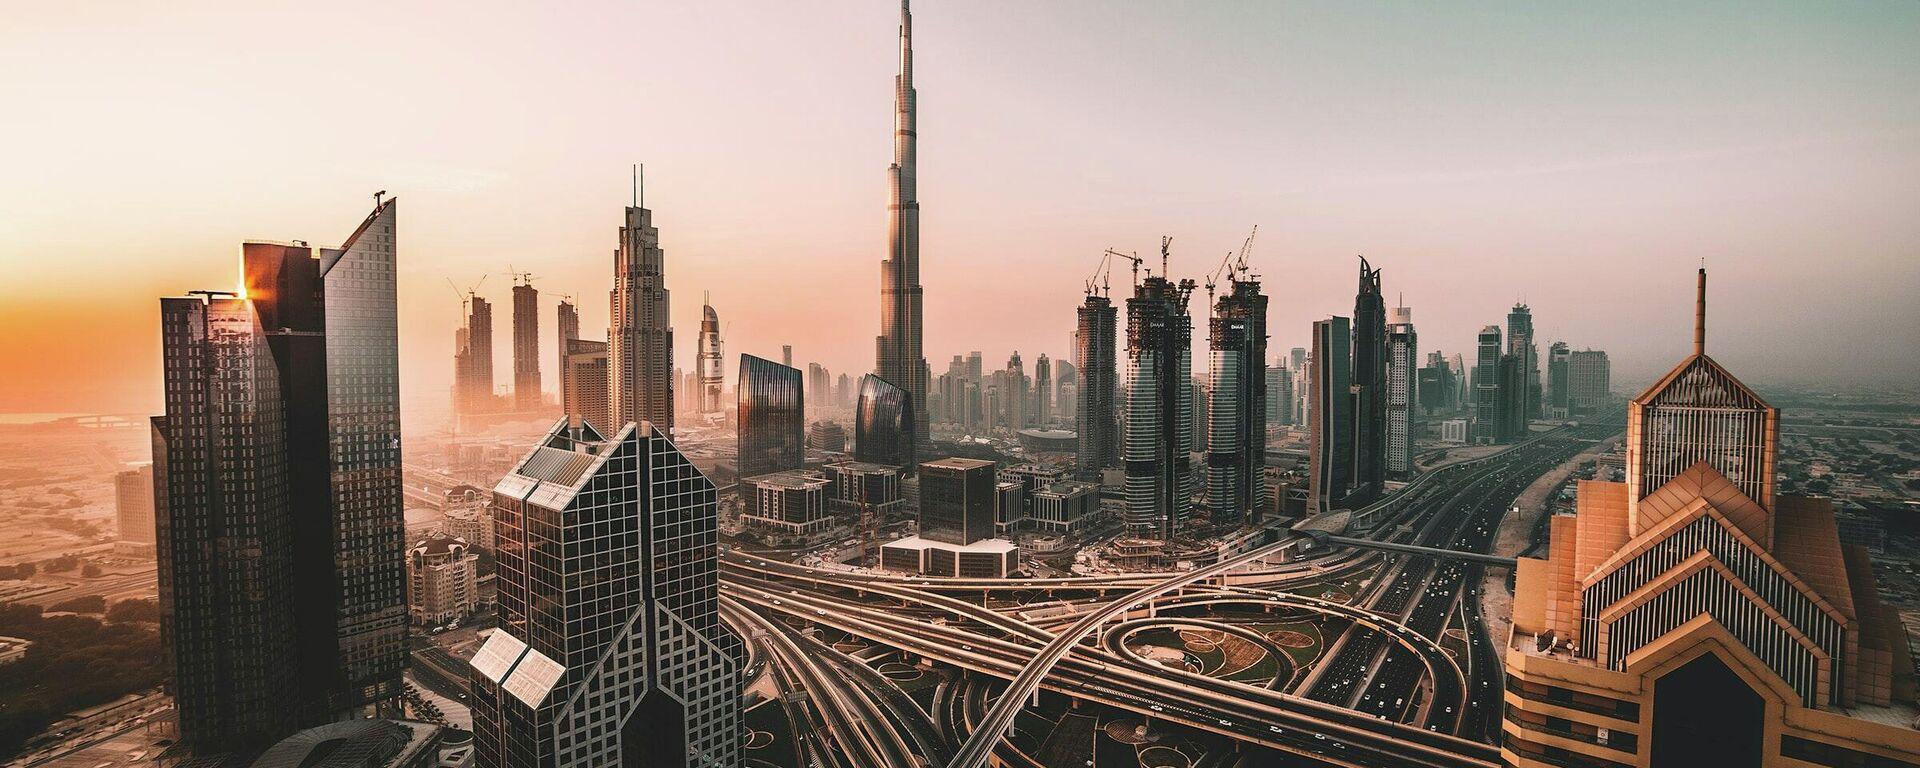 Dubái, Emiratos Árabes Unidos - Sputnik Mundo, 1920, 15.09.2021